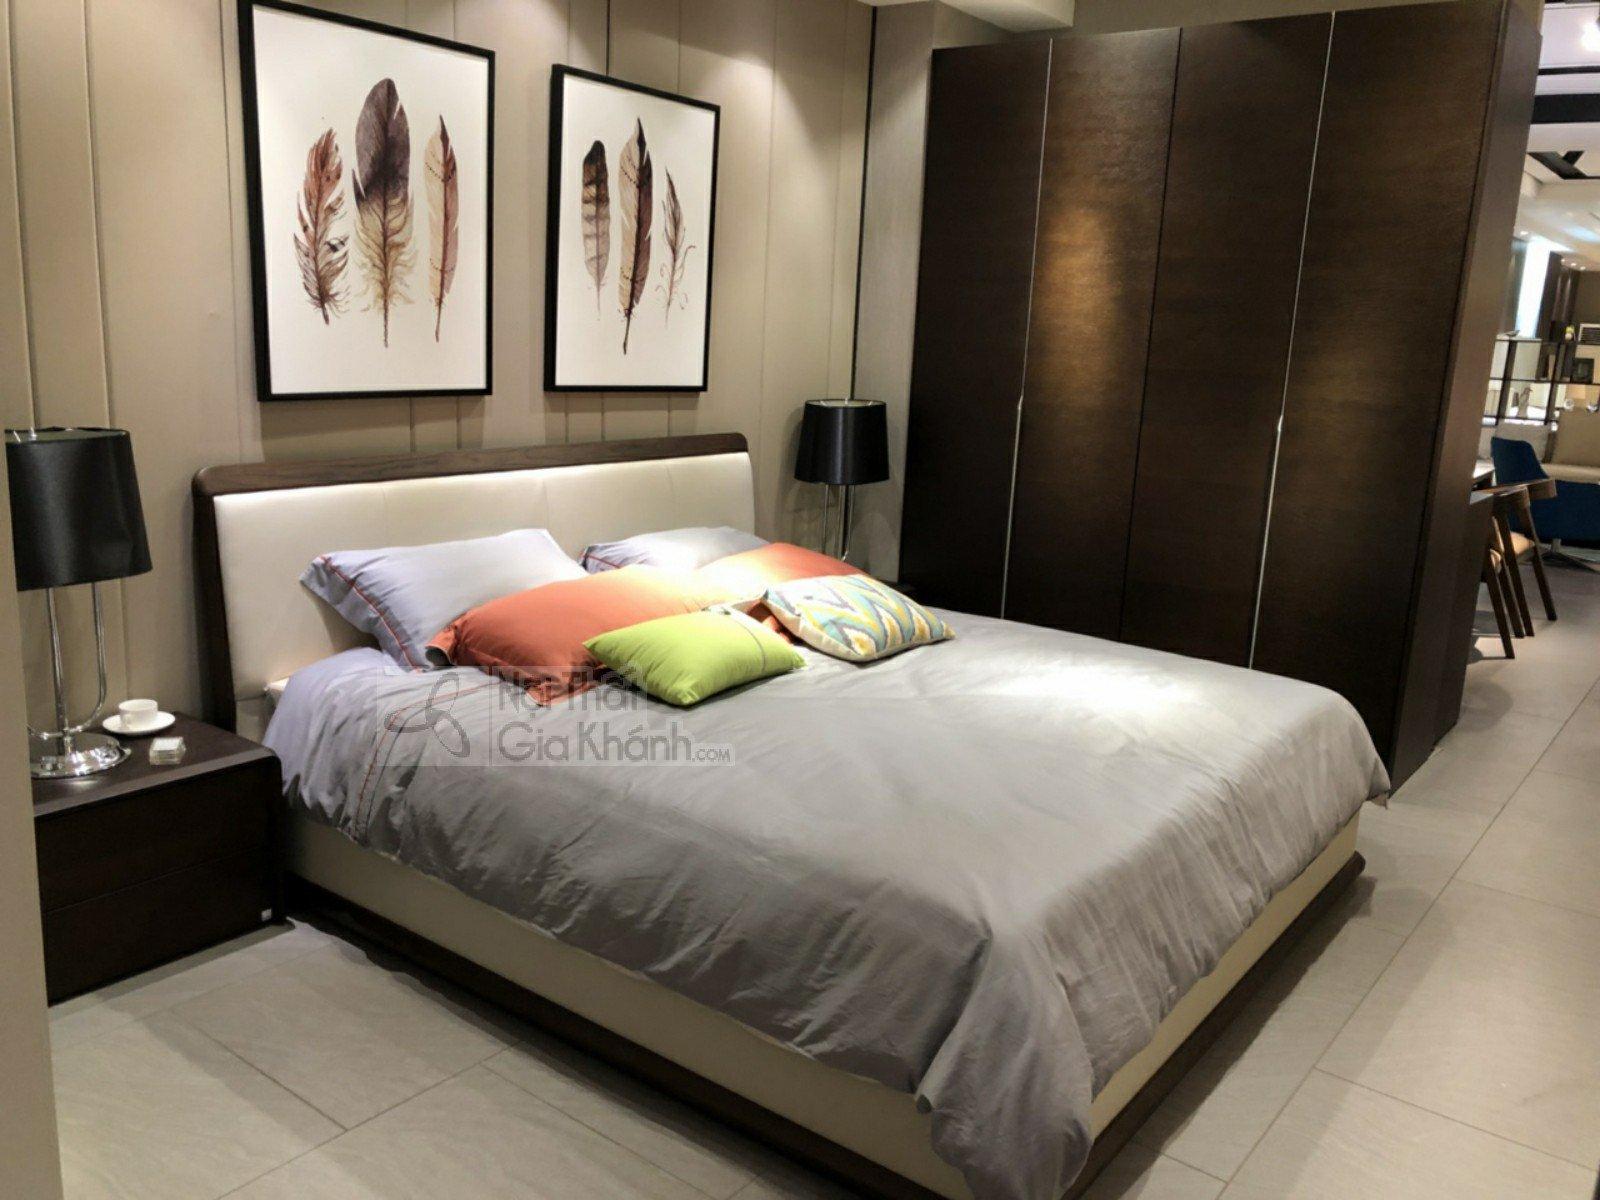 Bộ Giường Tủ Phòng Ngủ Hiện Đại Bn1802Cn-18